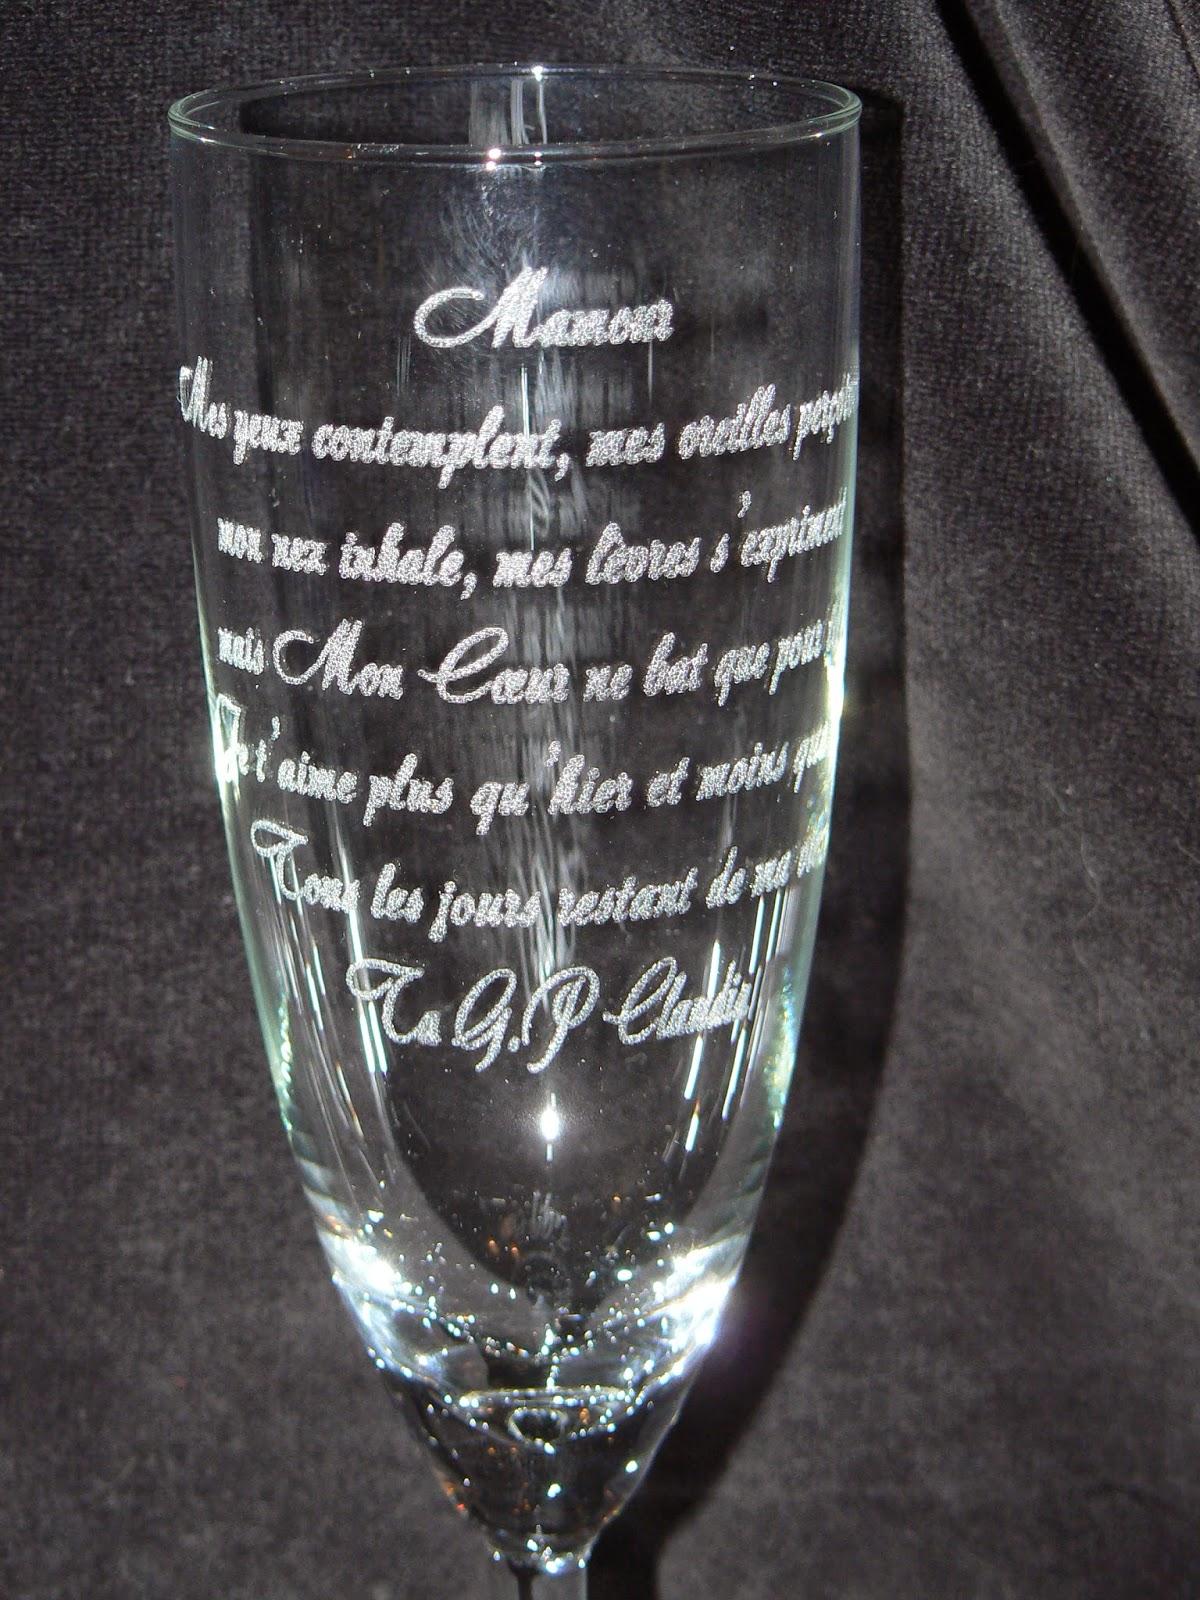 Gravures Sur Verre pour gravure sur verre,1.48€ verre gravé,flute gravée,mariage,bapteme